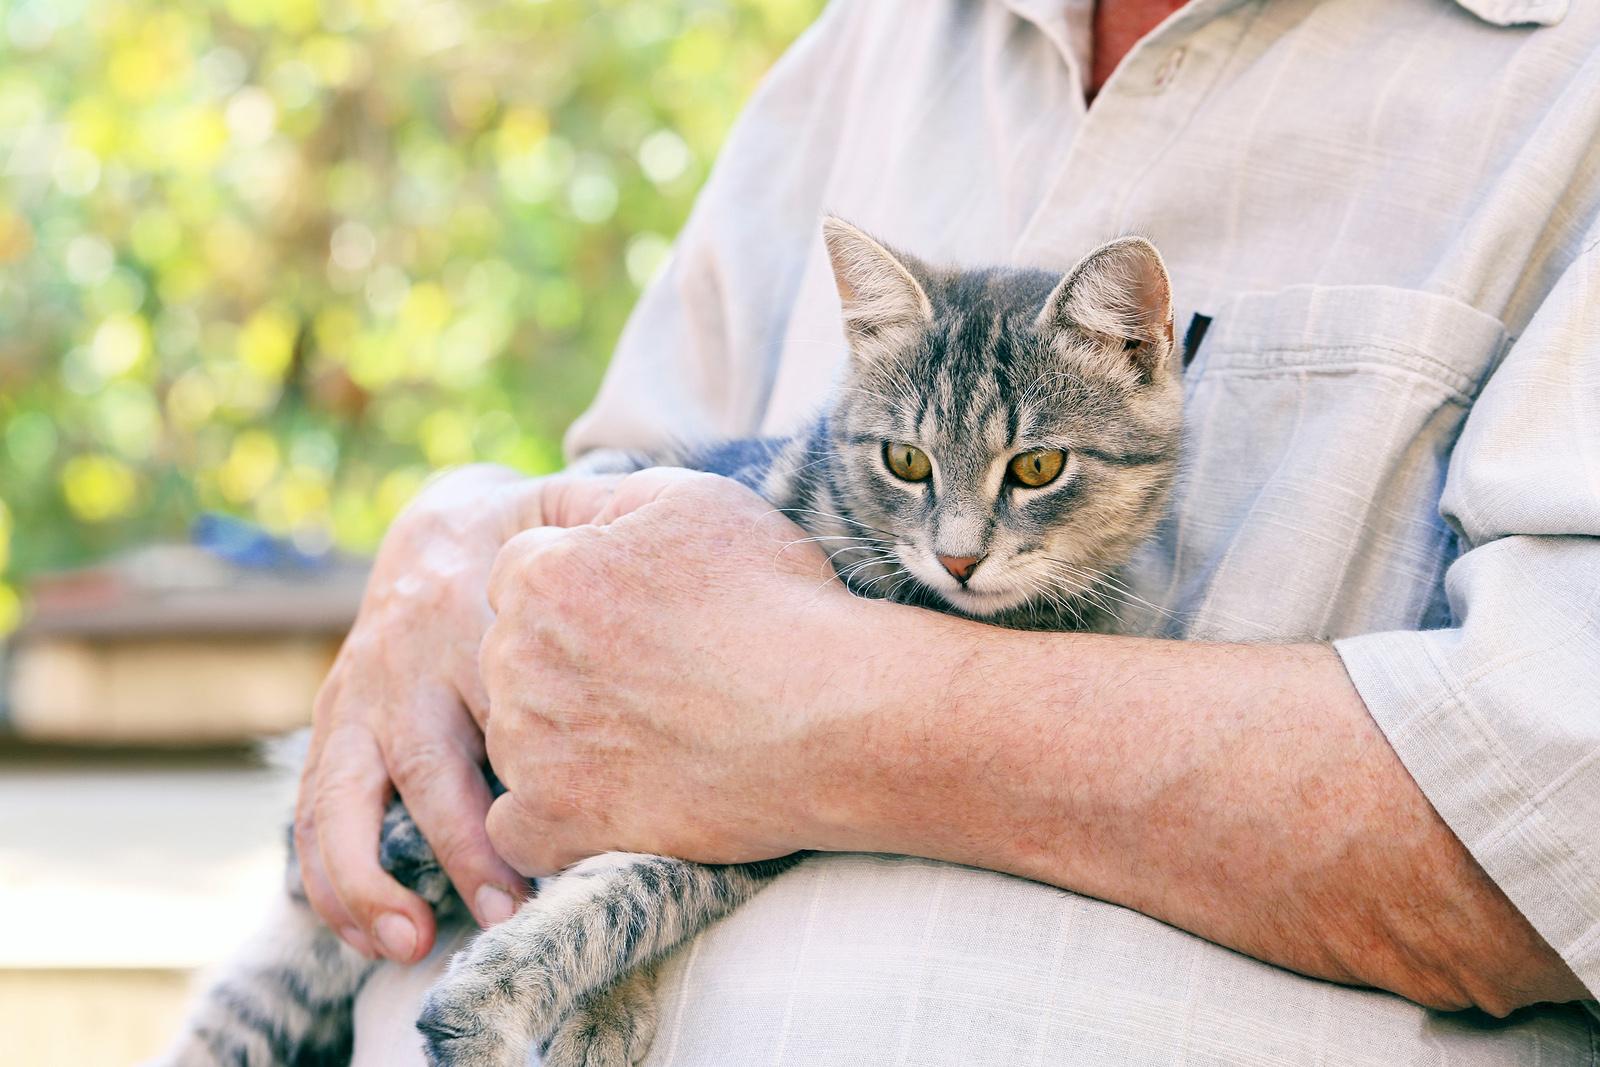 Port-Orchard-Animal-Clinic_Dr-Liz-Oien-DVM_Veterinarian_pet-care-senior-cat.jpg